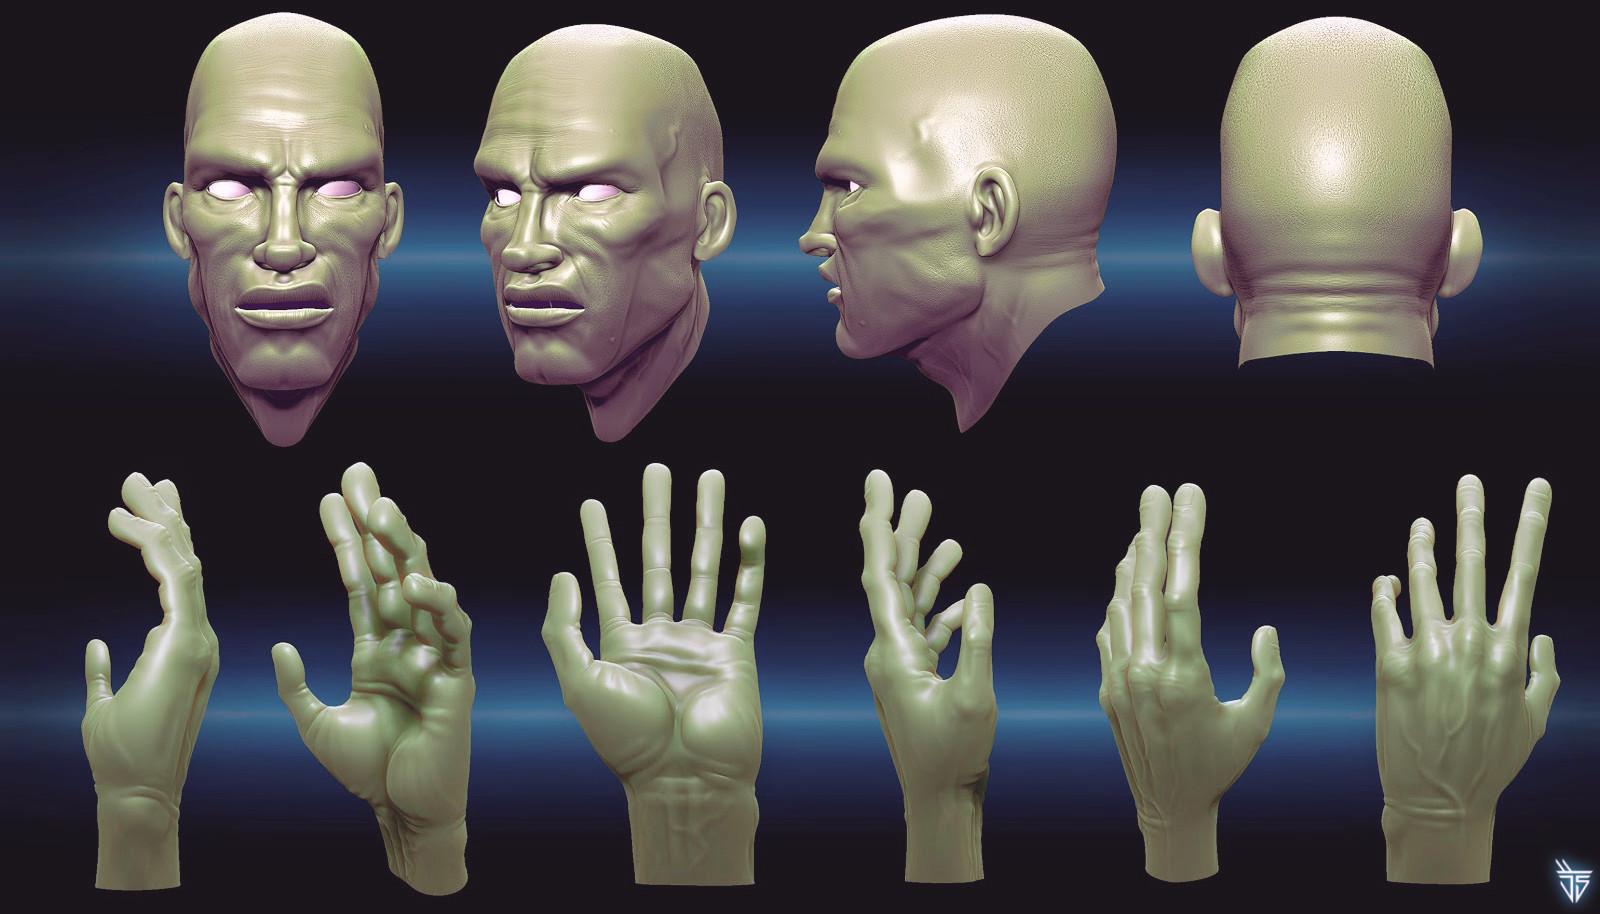 Jose samaniego 3d anatomy